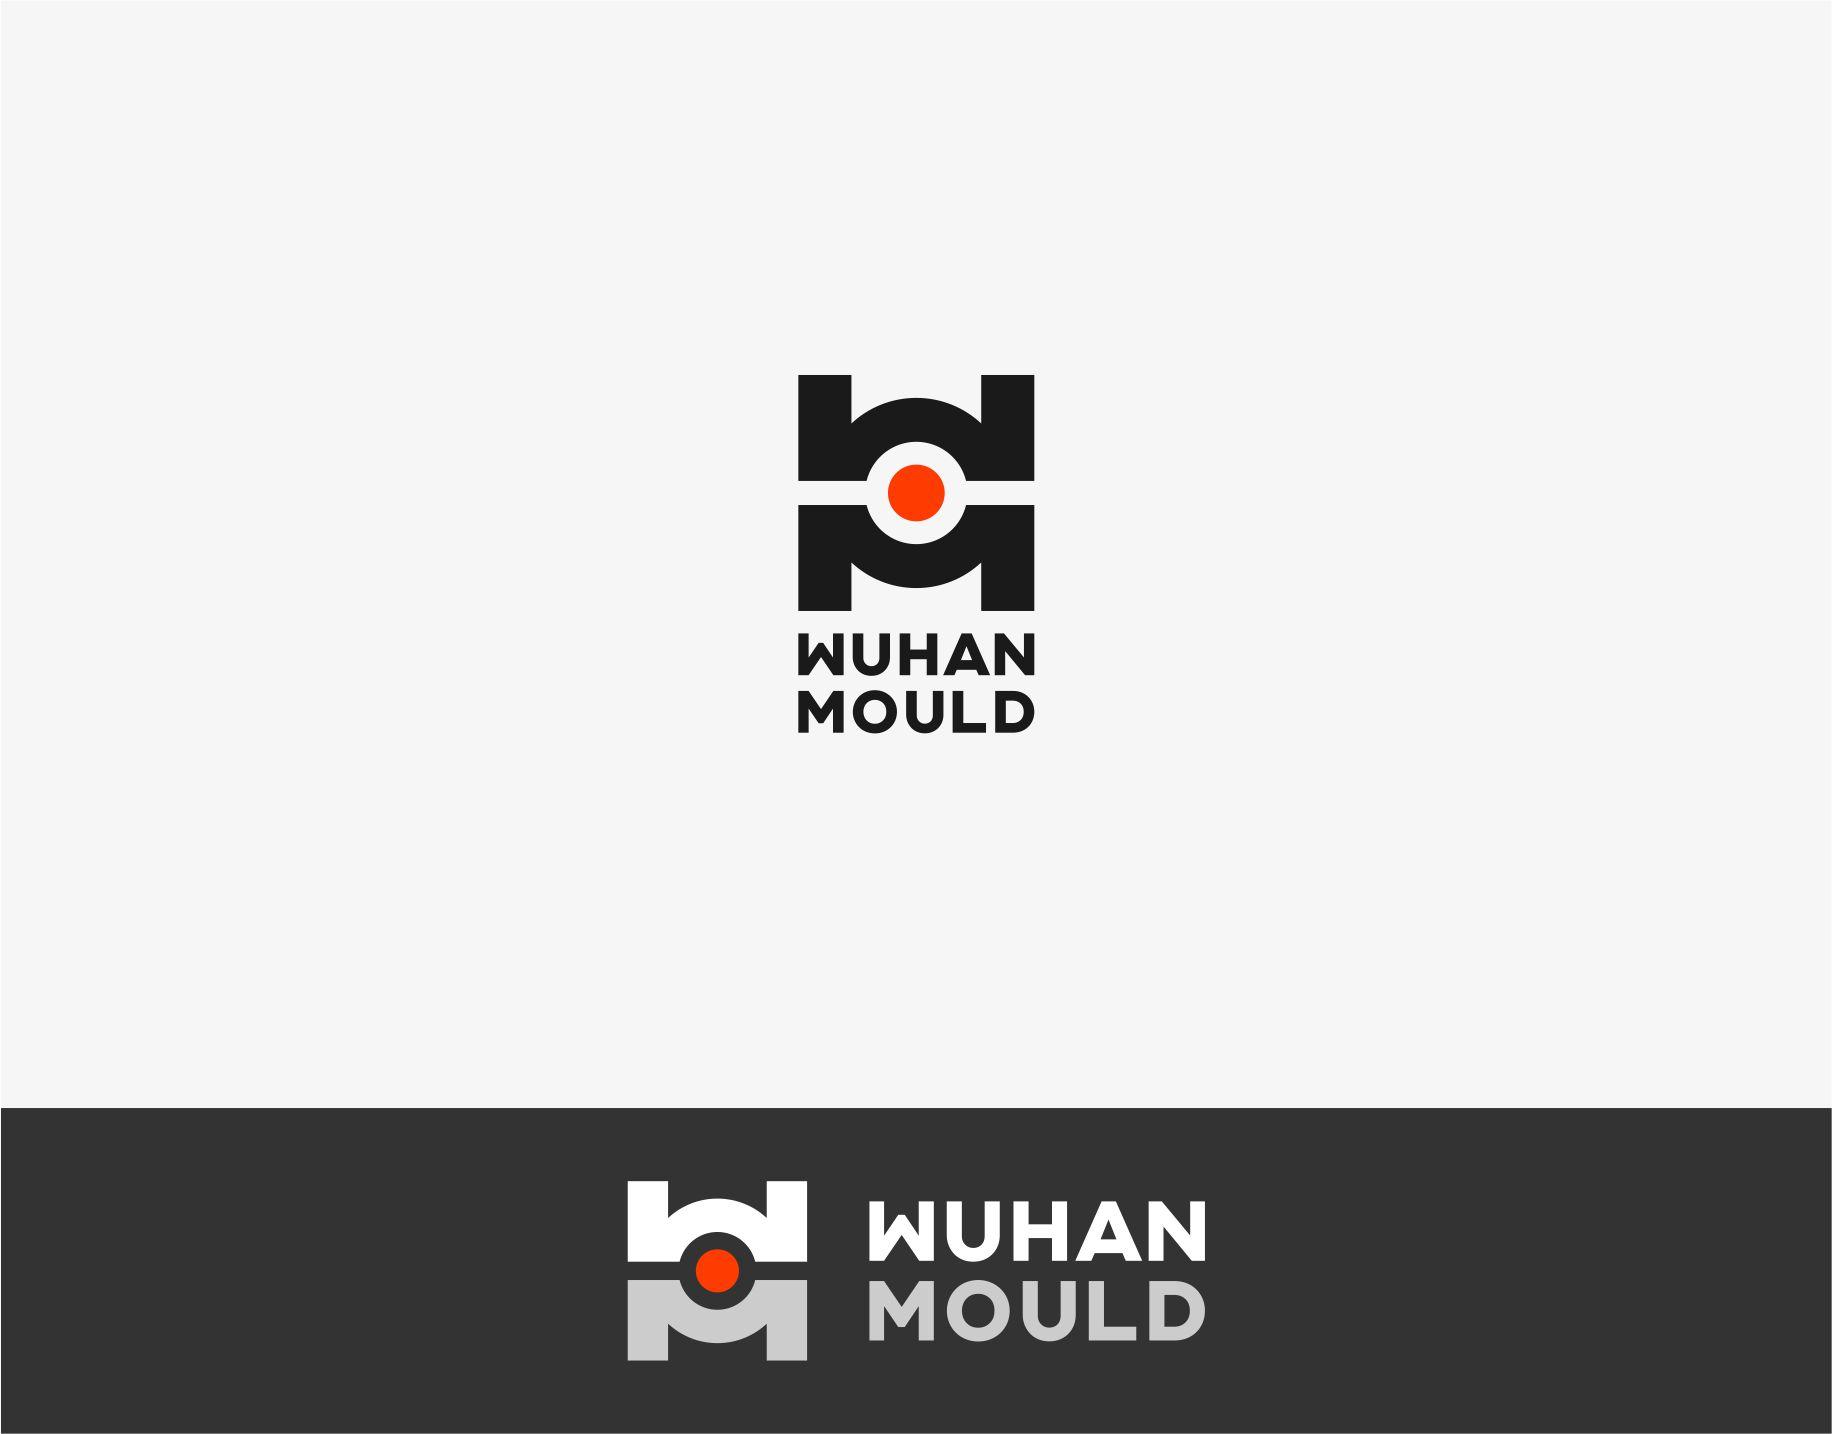 Создать логотип для фабрики пресс-форм фото f_885598b402995dbd.jpg